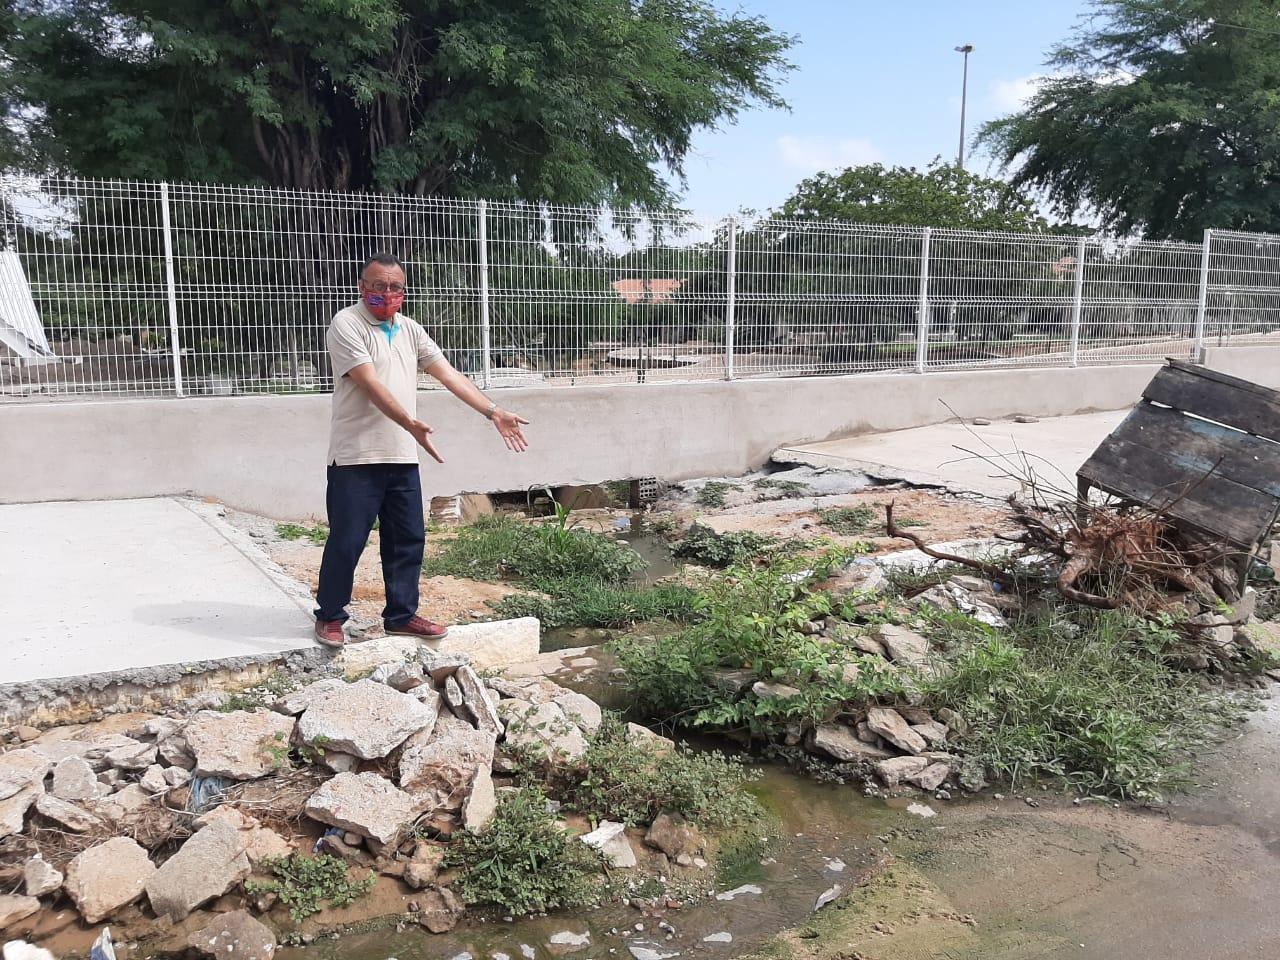 Vila Mariana: mais uma galeria estourada poluindo o Parque Religioso Cruz da Menina, diz vereador Zé Gonçalves